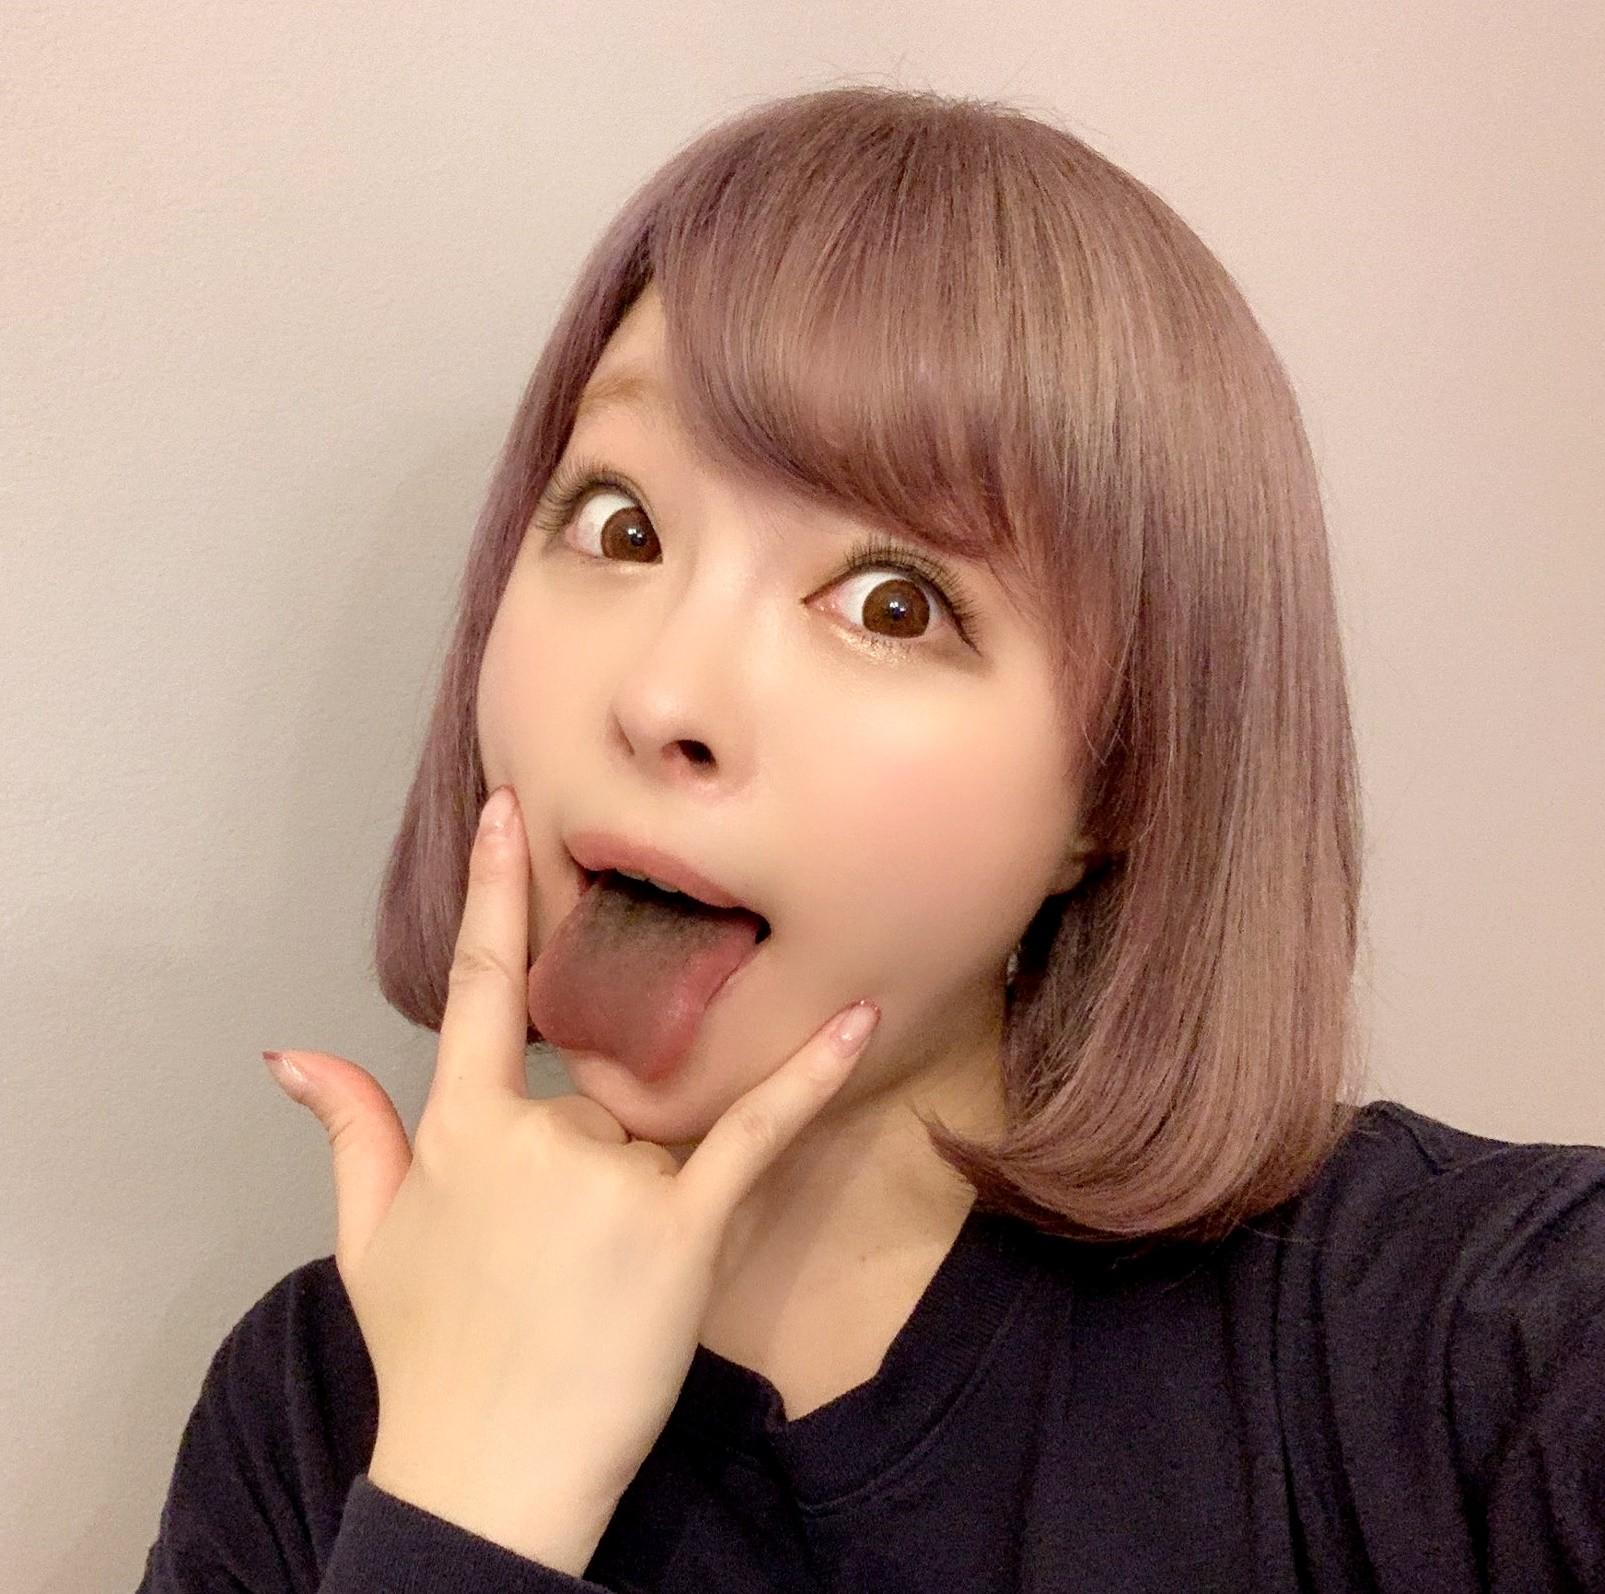 きゃりーぱみゅぱみゅの舌出し (1)